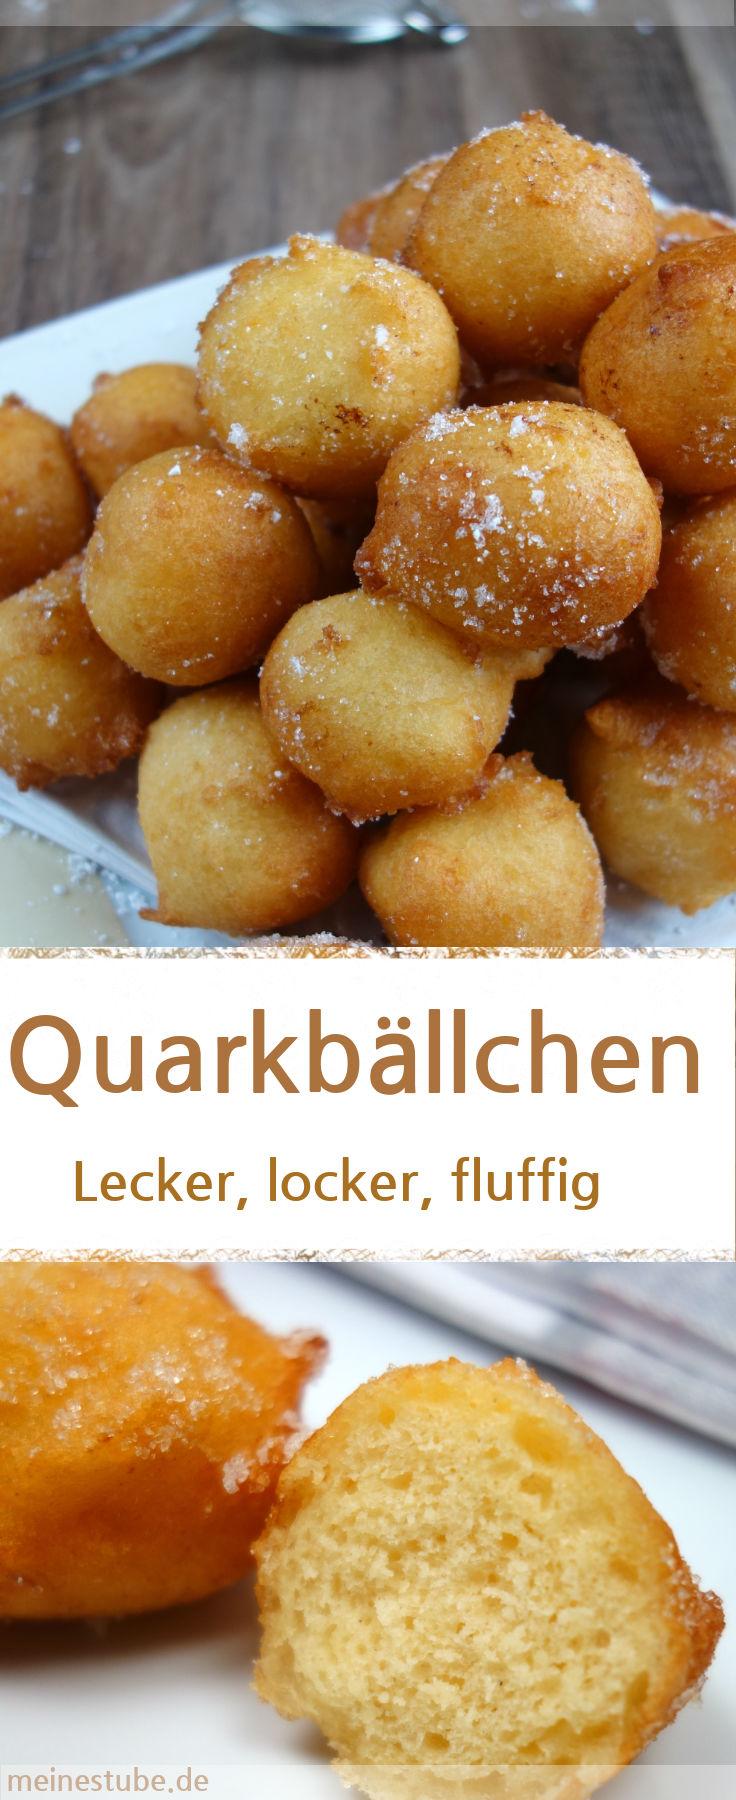 Quarkbällchen ohne Hefe, lecker locker fluffig